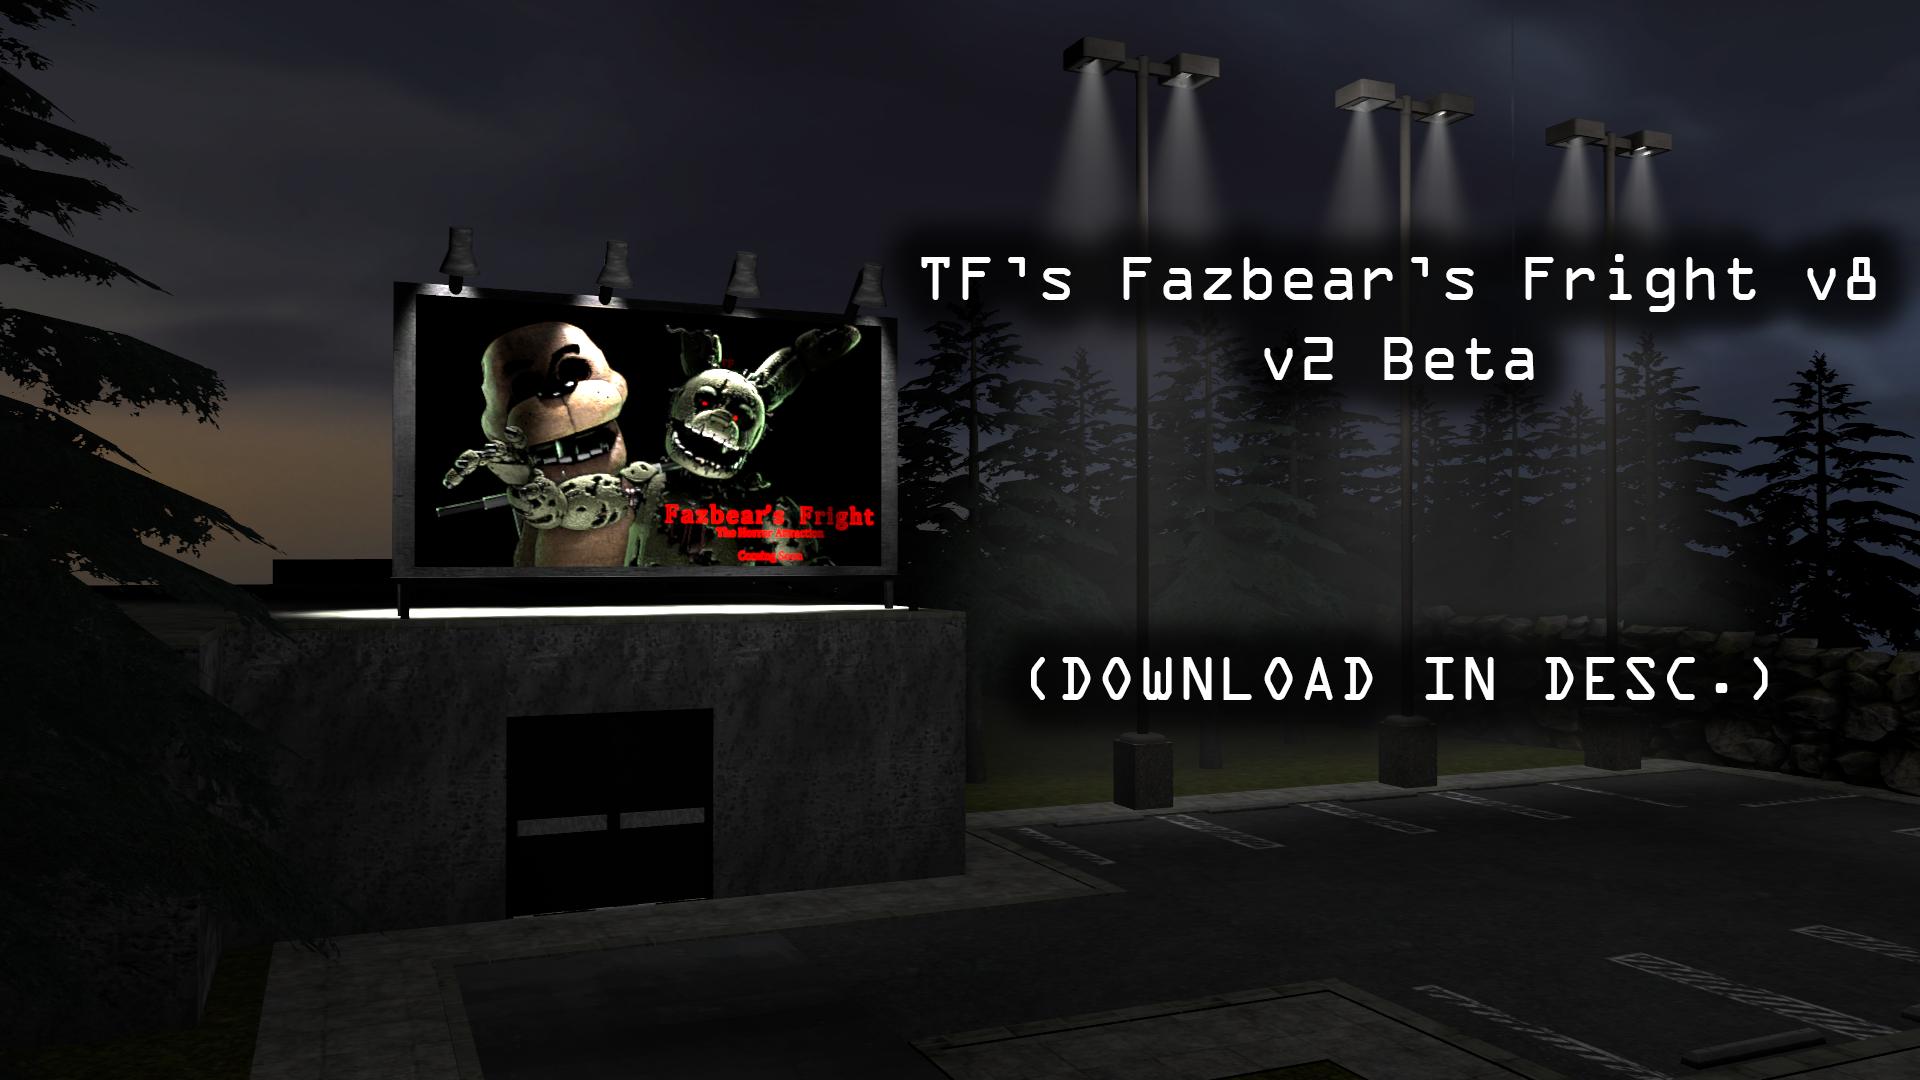 [SFM DOWNLOAD] TF's Fazbear's Fright v8 (v2 Beta) by TF541Productions